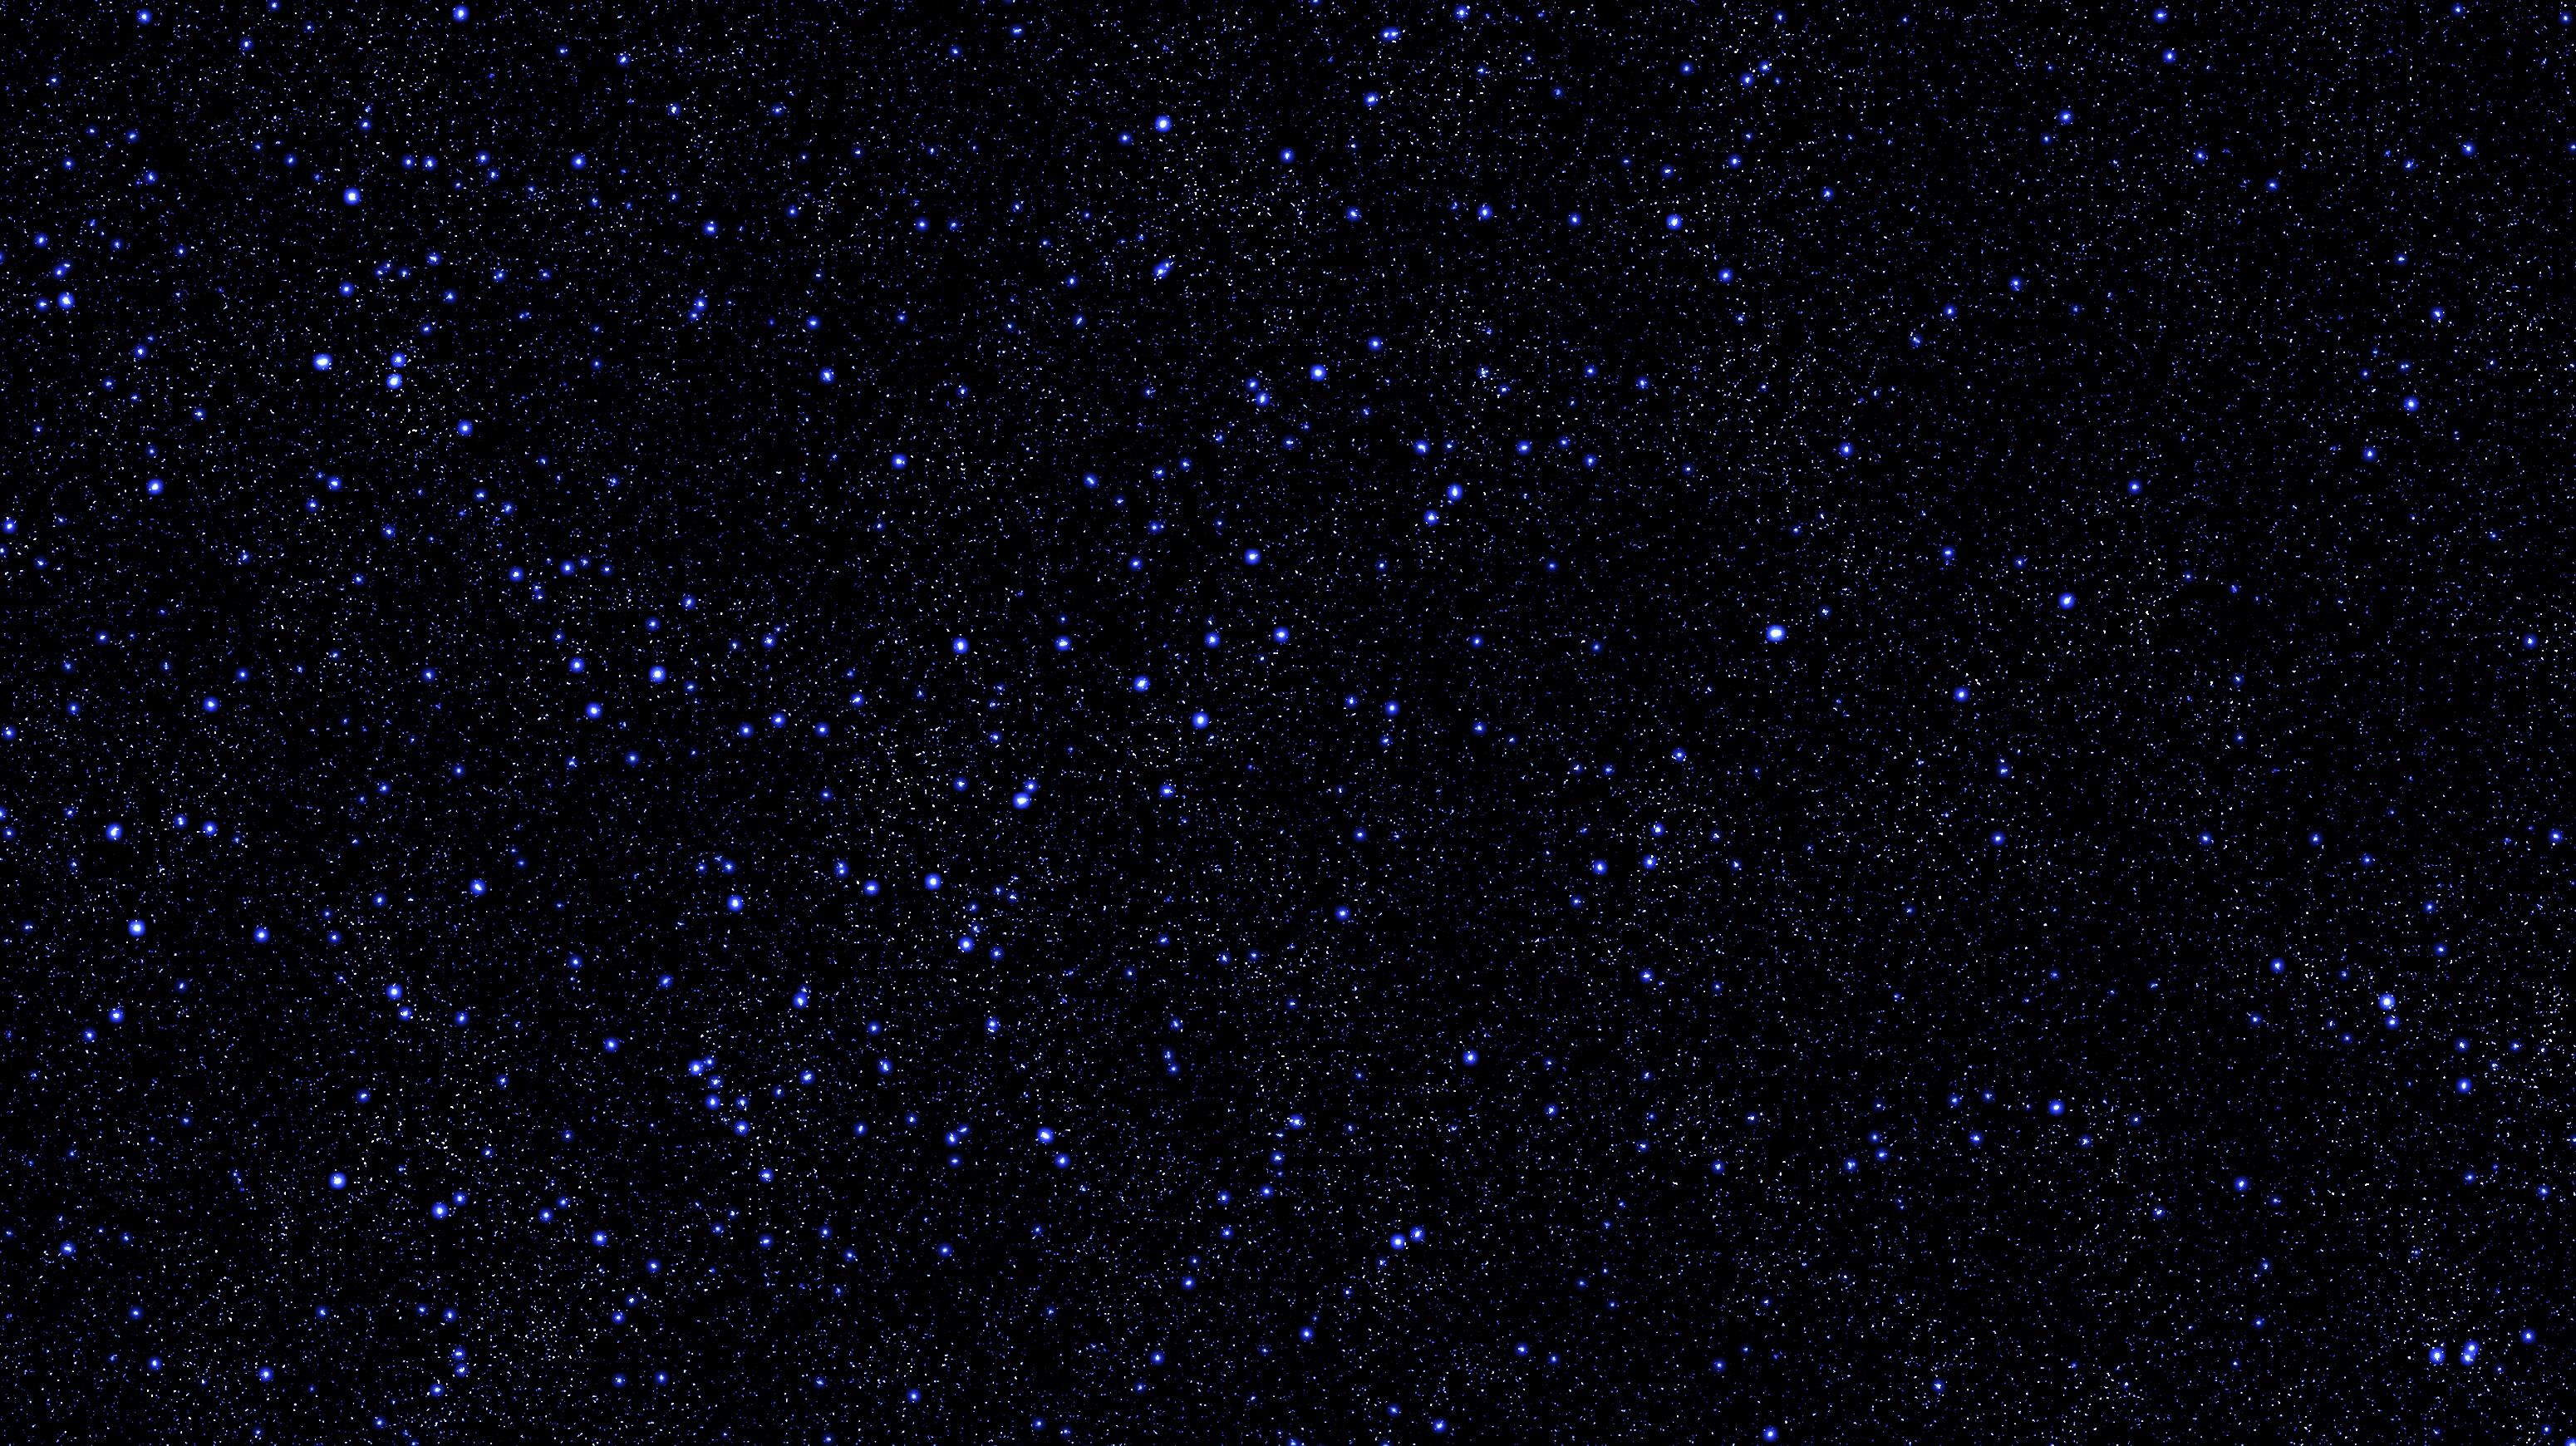 115343 скачать обои Небо, Звезды, Космос, Ночь - заставки и картинки бесплатно